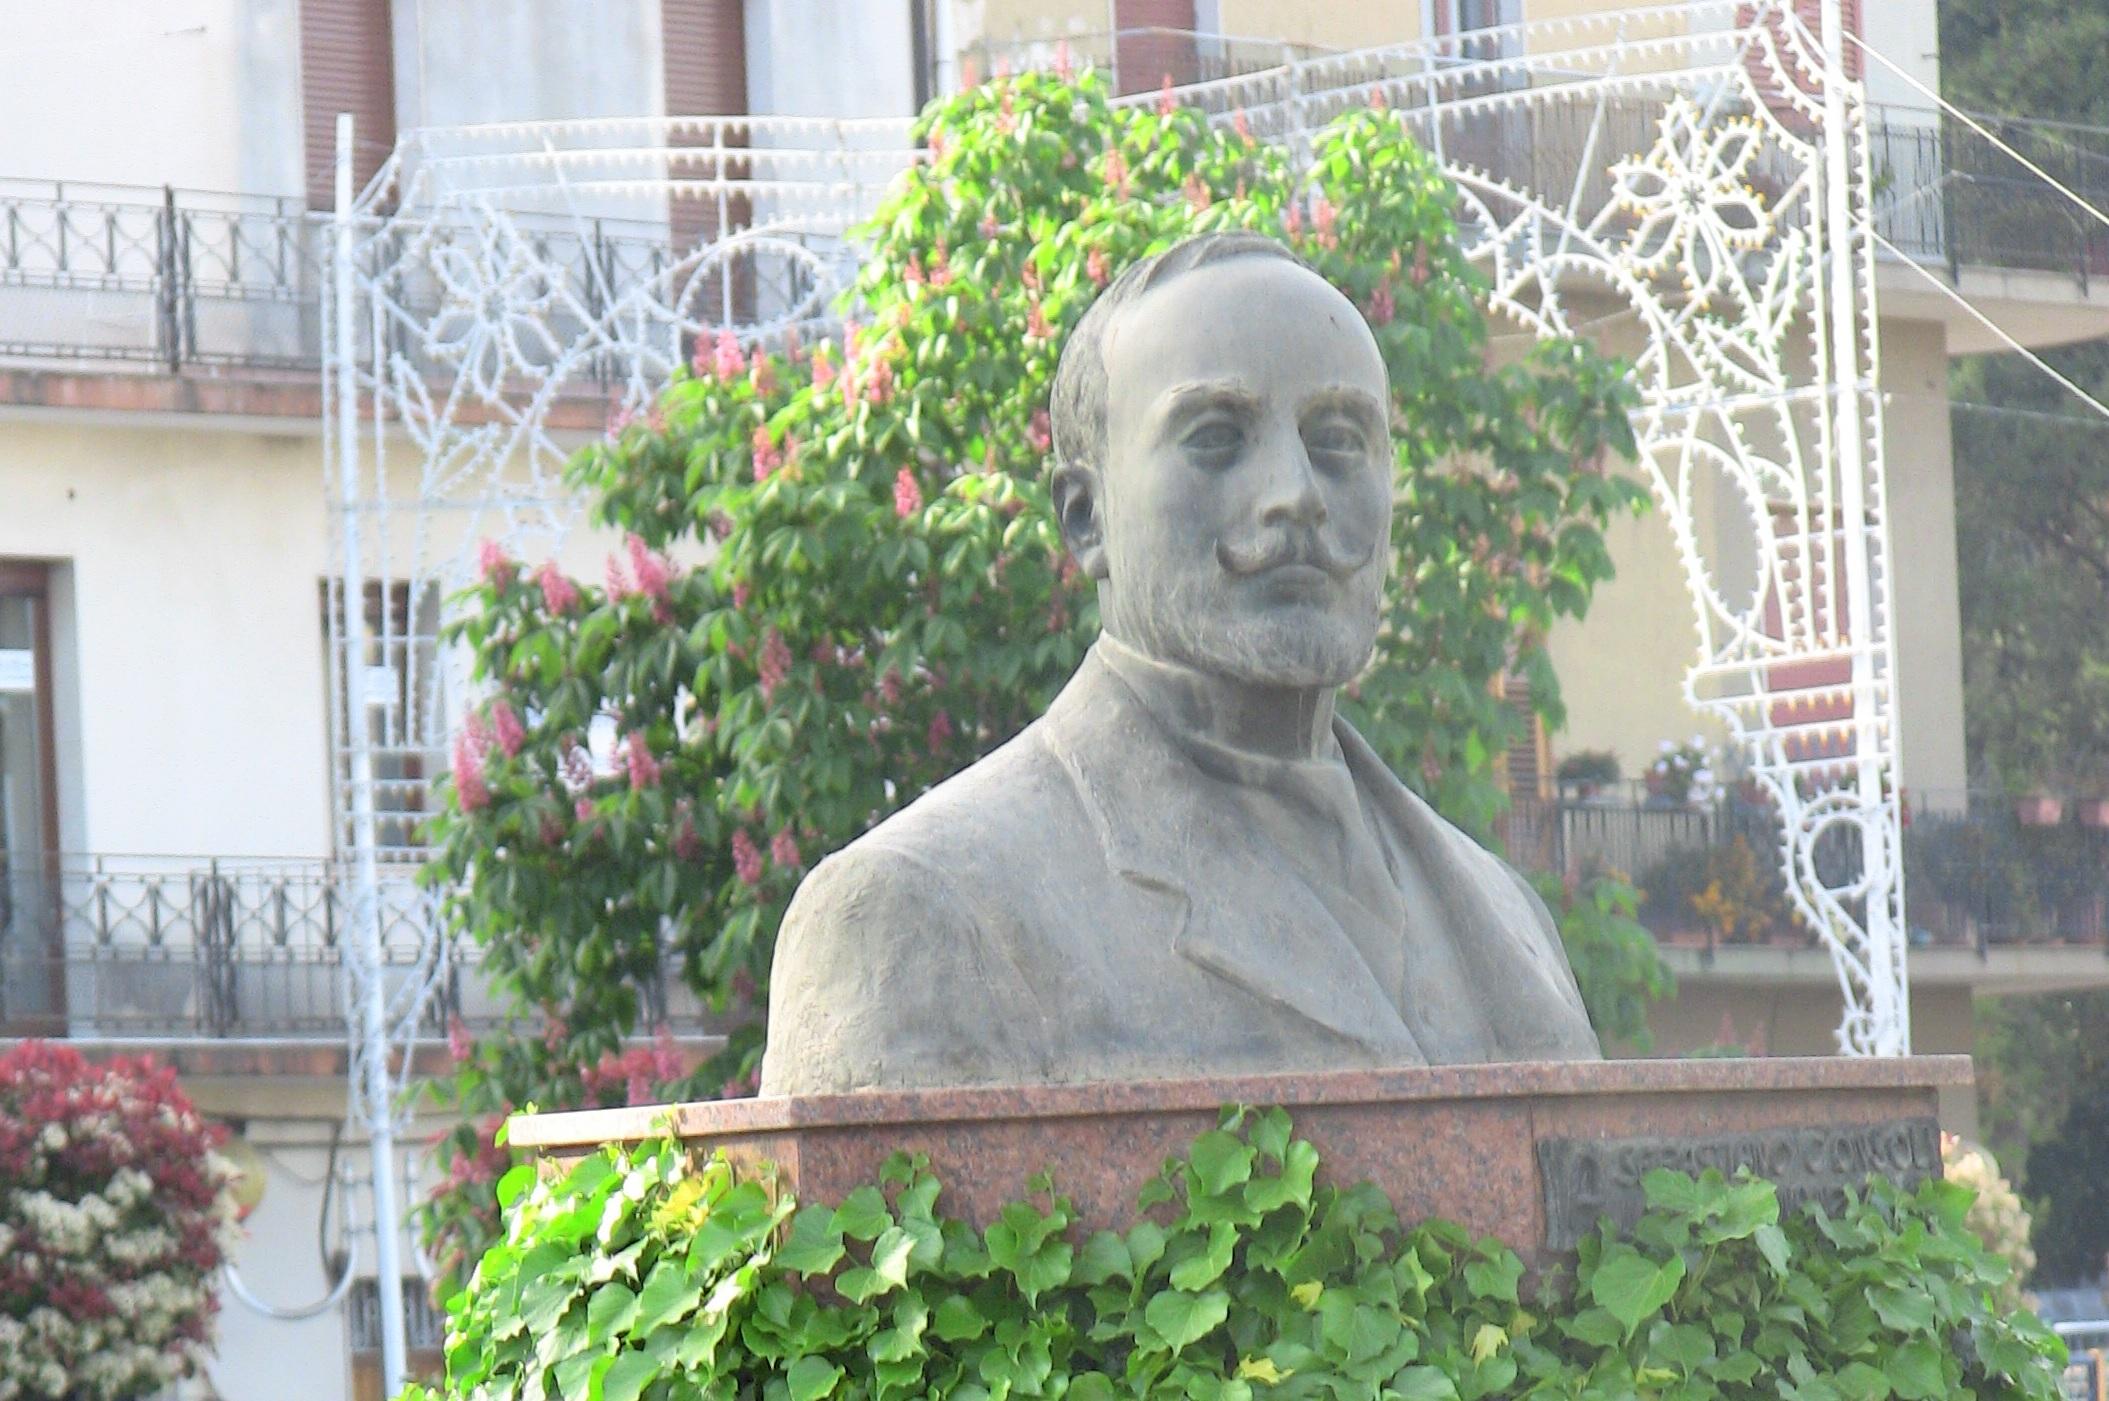 Sebastiano Consoli, former mayor